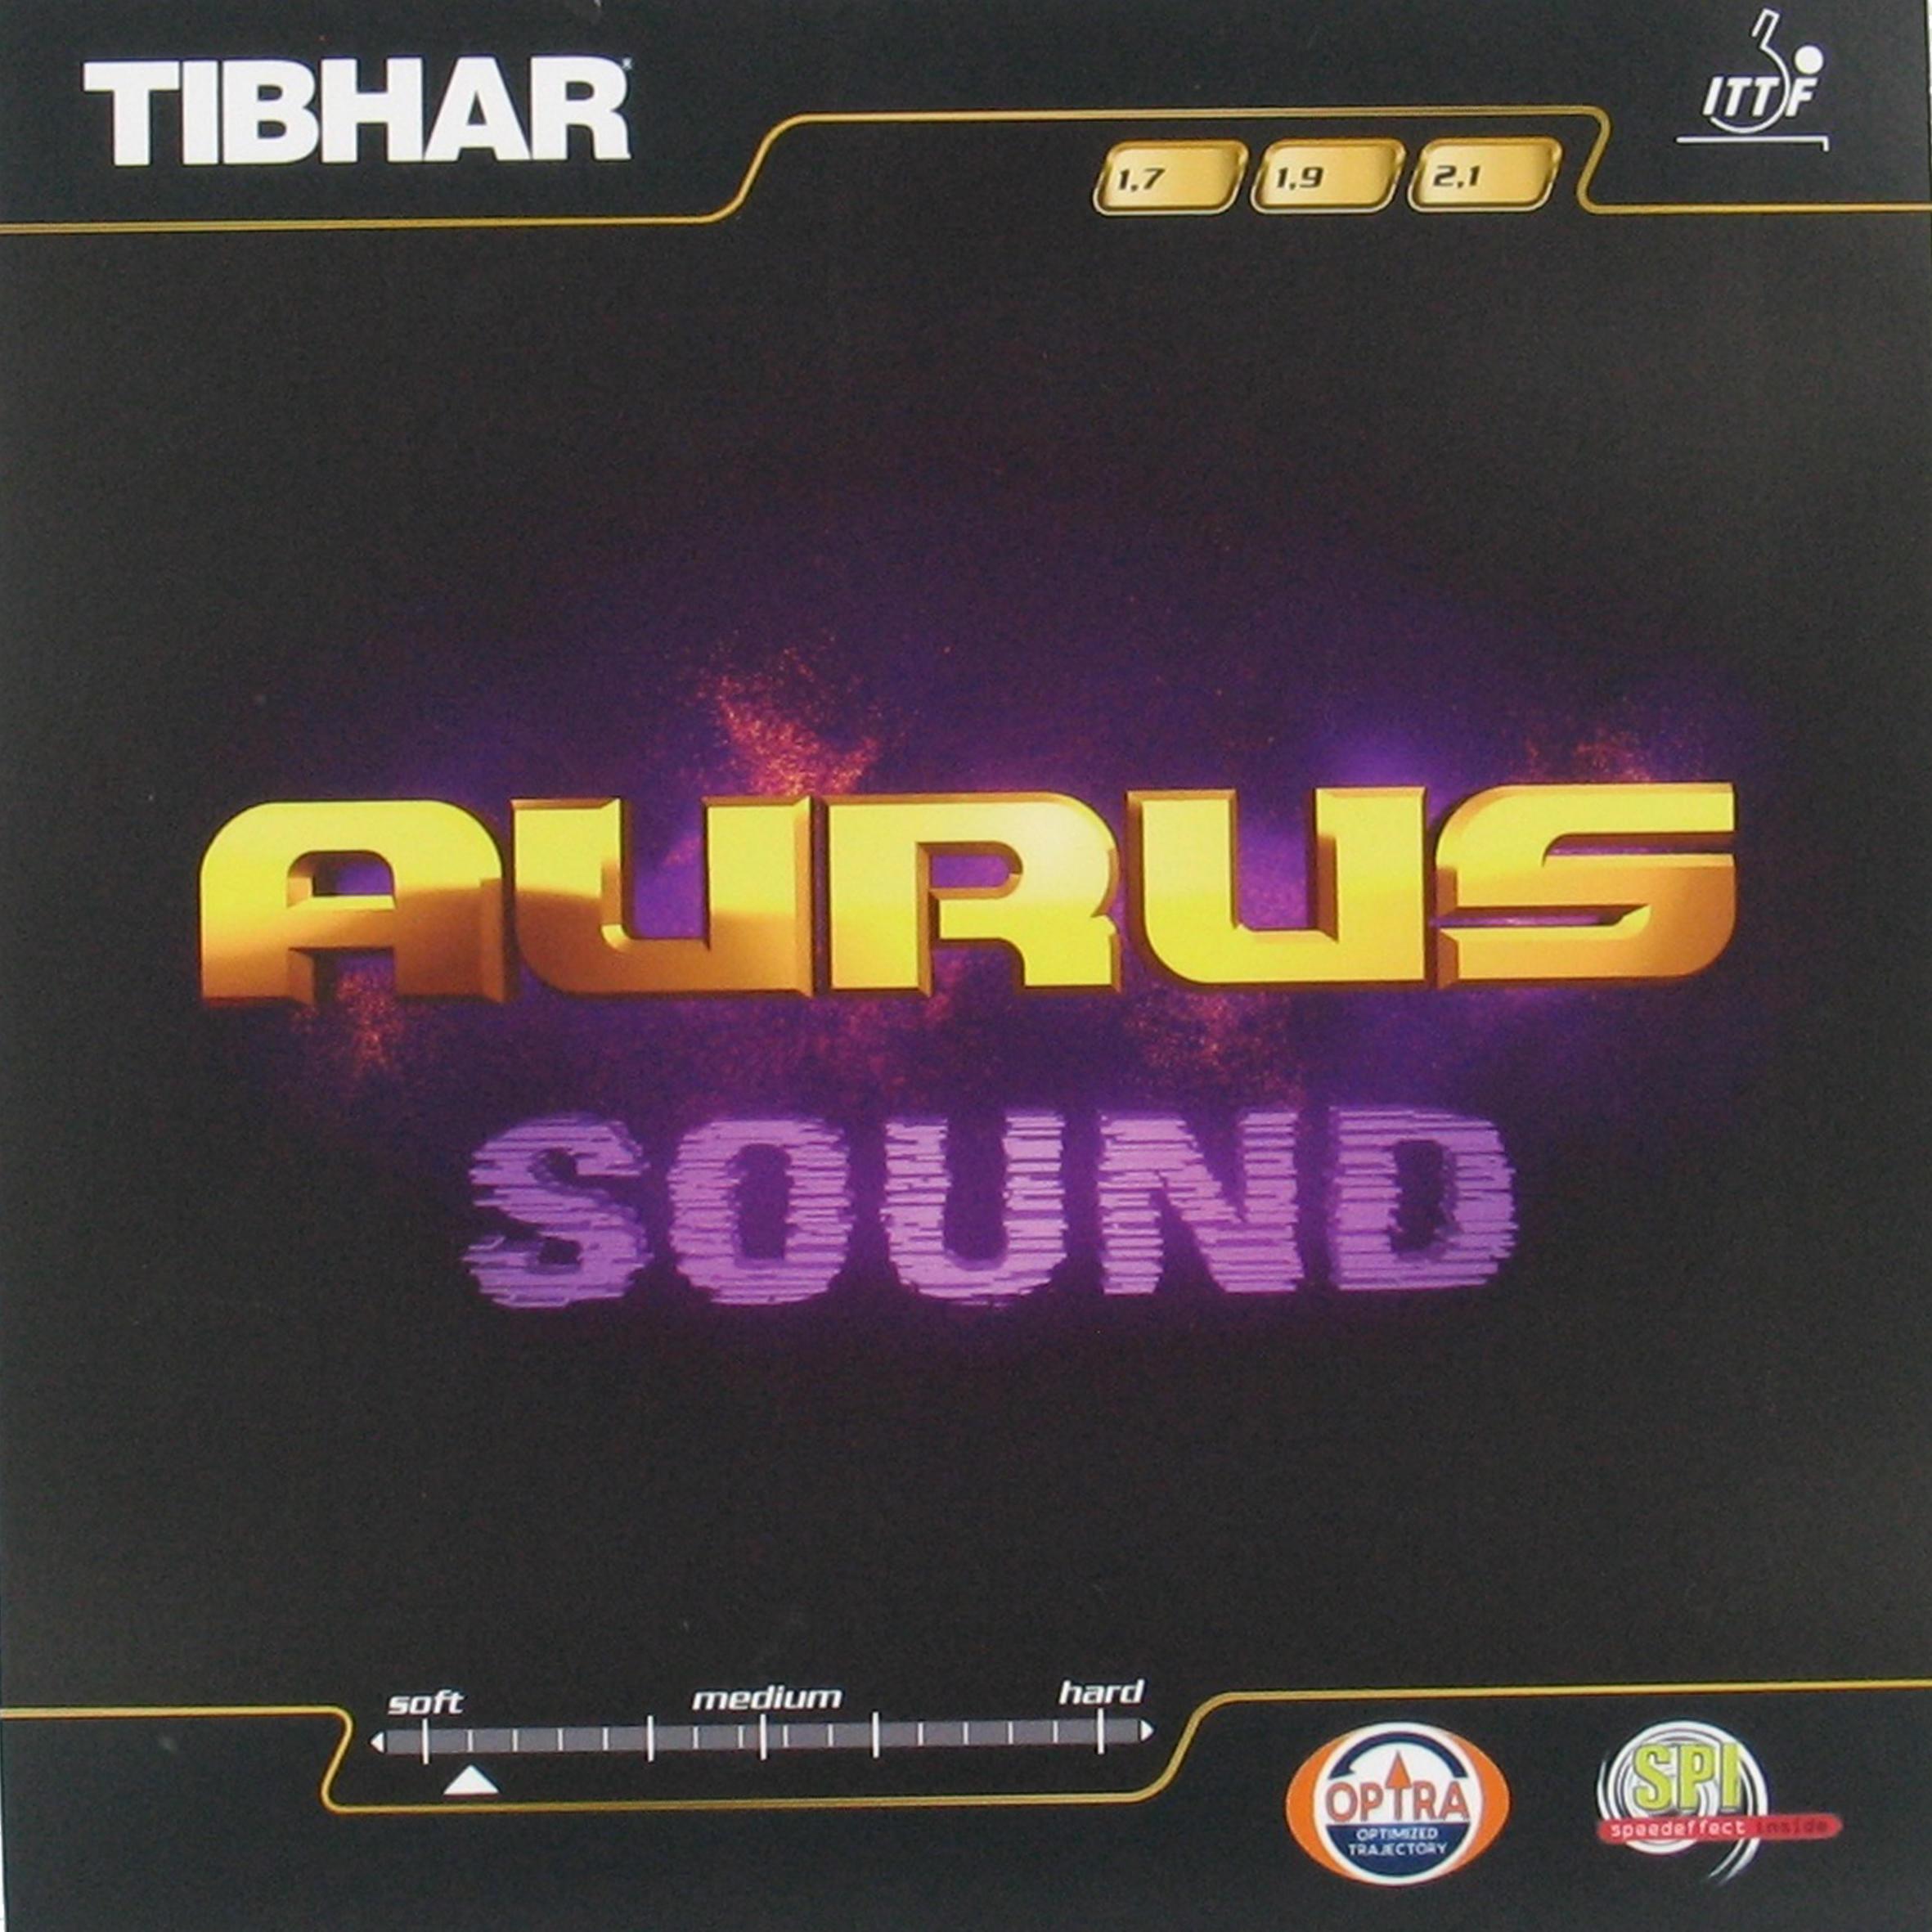 Față Auras Sound imagine